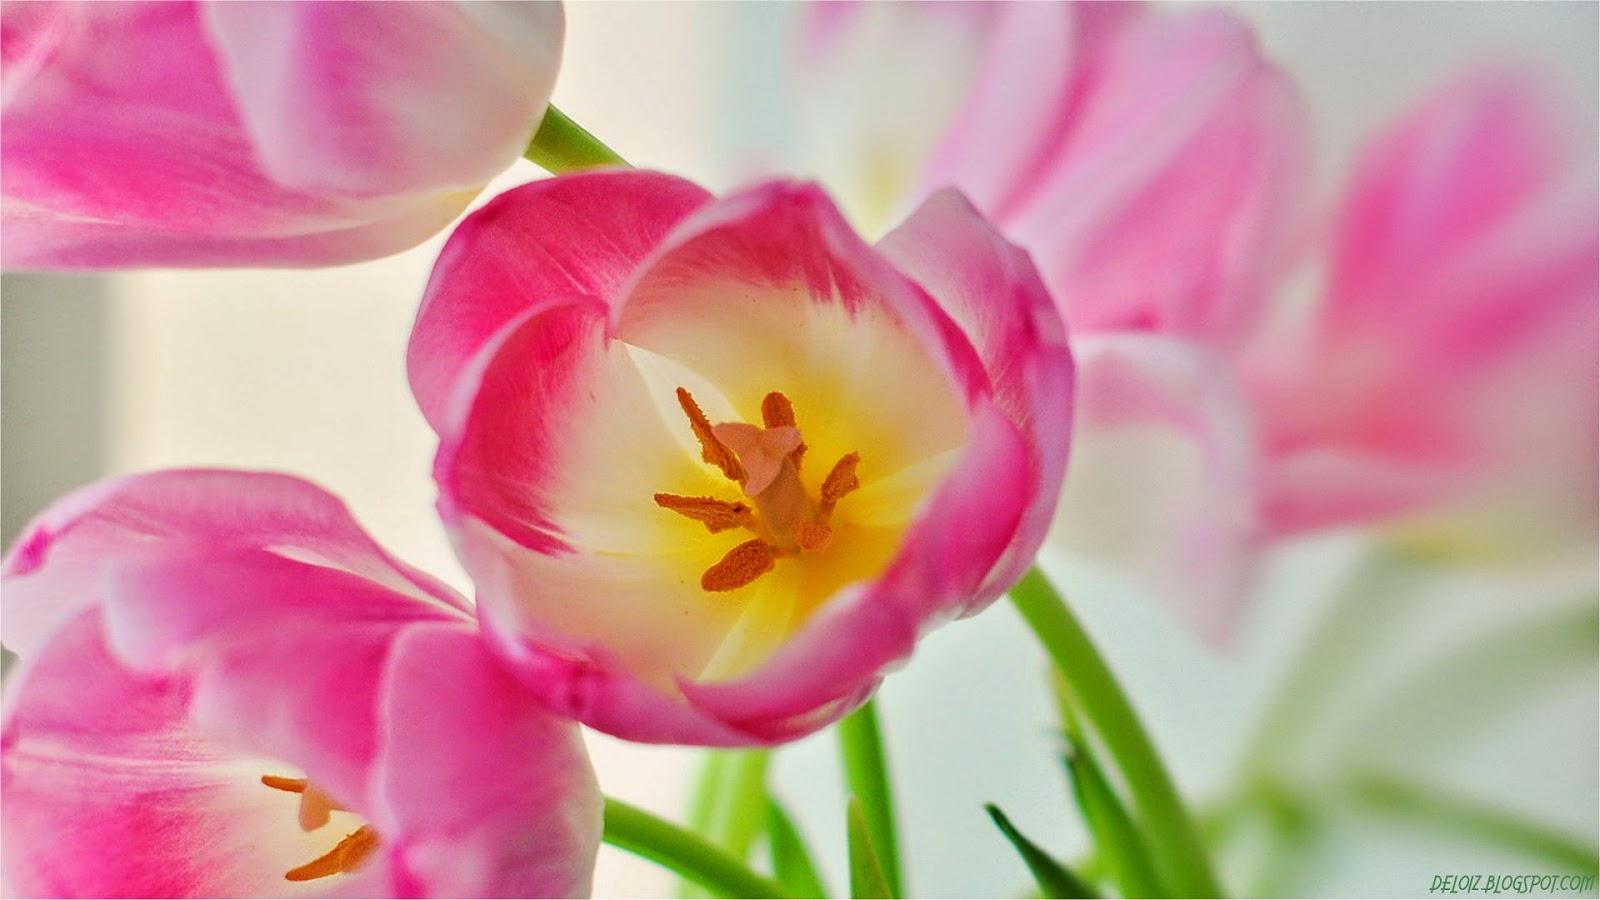 WALLPAPER ANDROID IPHONE Wallpaper Bunga Tulip Pink